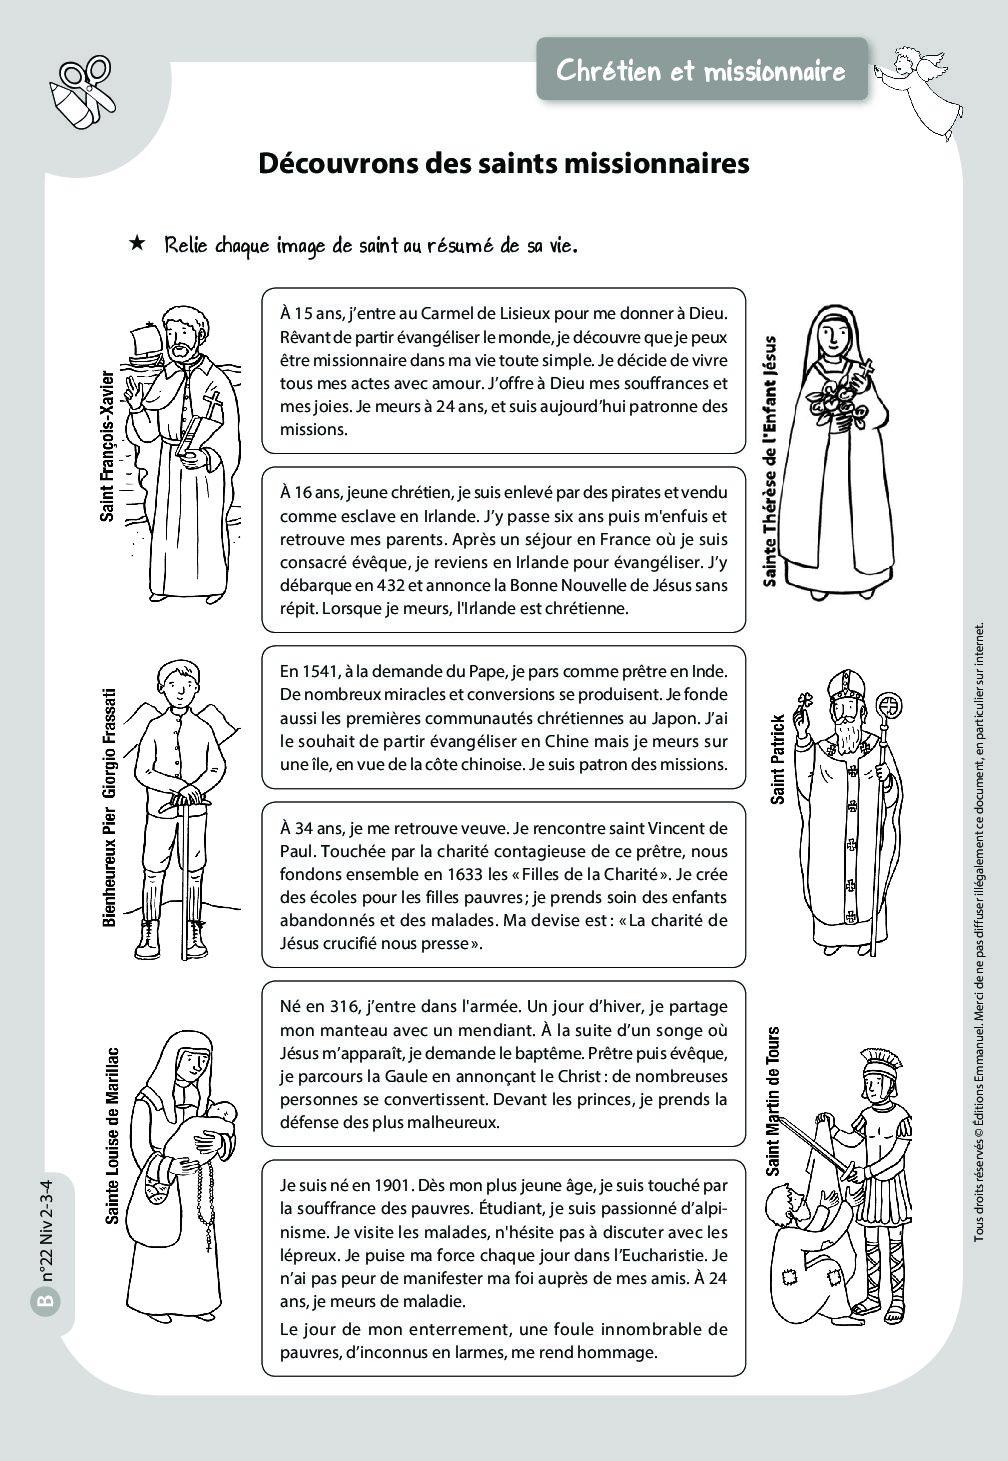 Les Sept Dons De L Esprit Saint : esprit, saint, L'Esprit, Saint, Catéchisme, Emmanuel